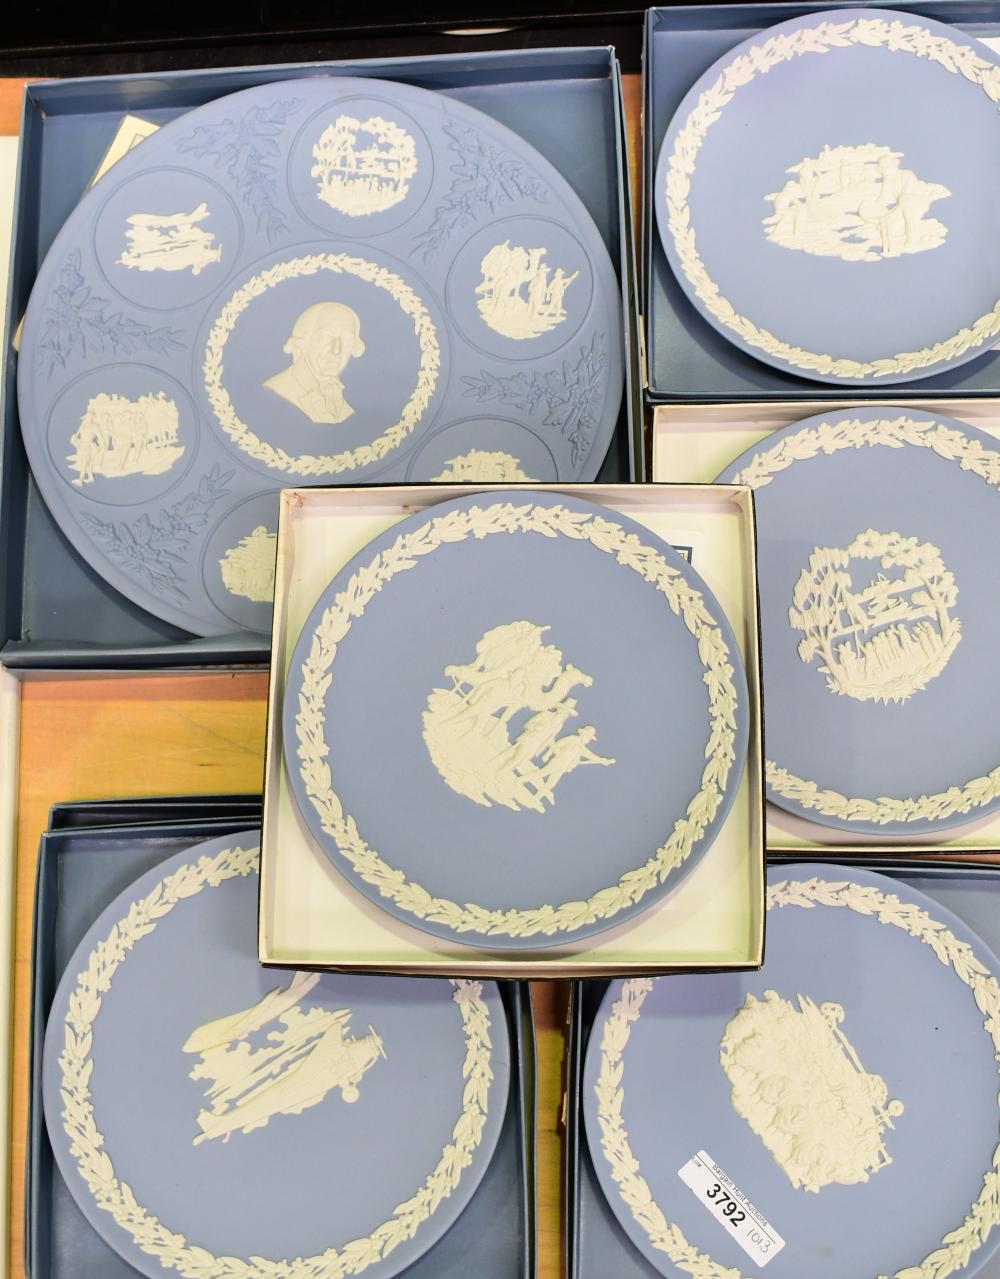 Set of 7 Wedgwood Jasper Australiana plates, smaller plates 16 cm. (6.30 in.), large 25 cm. (9.84 in.)